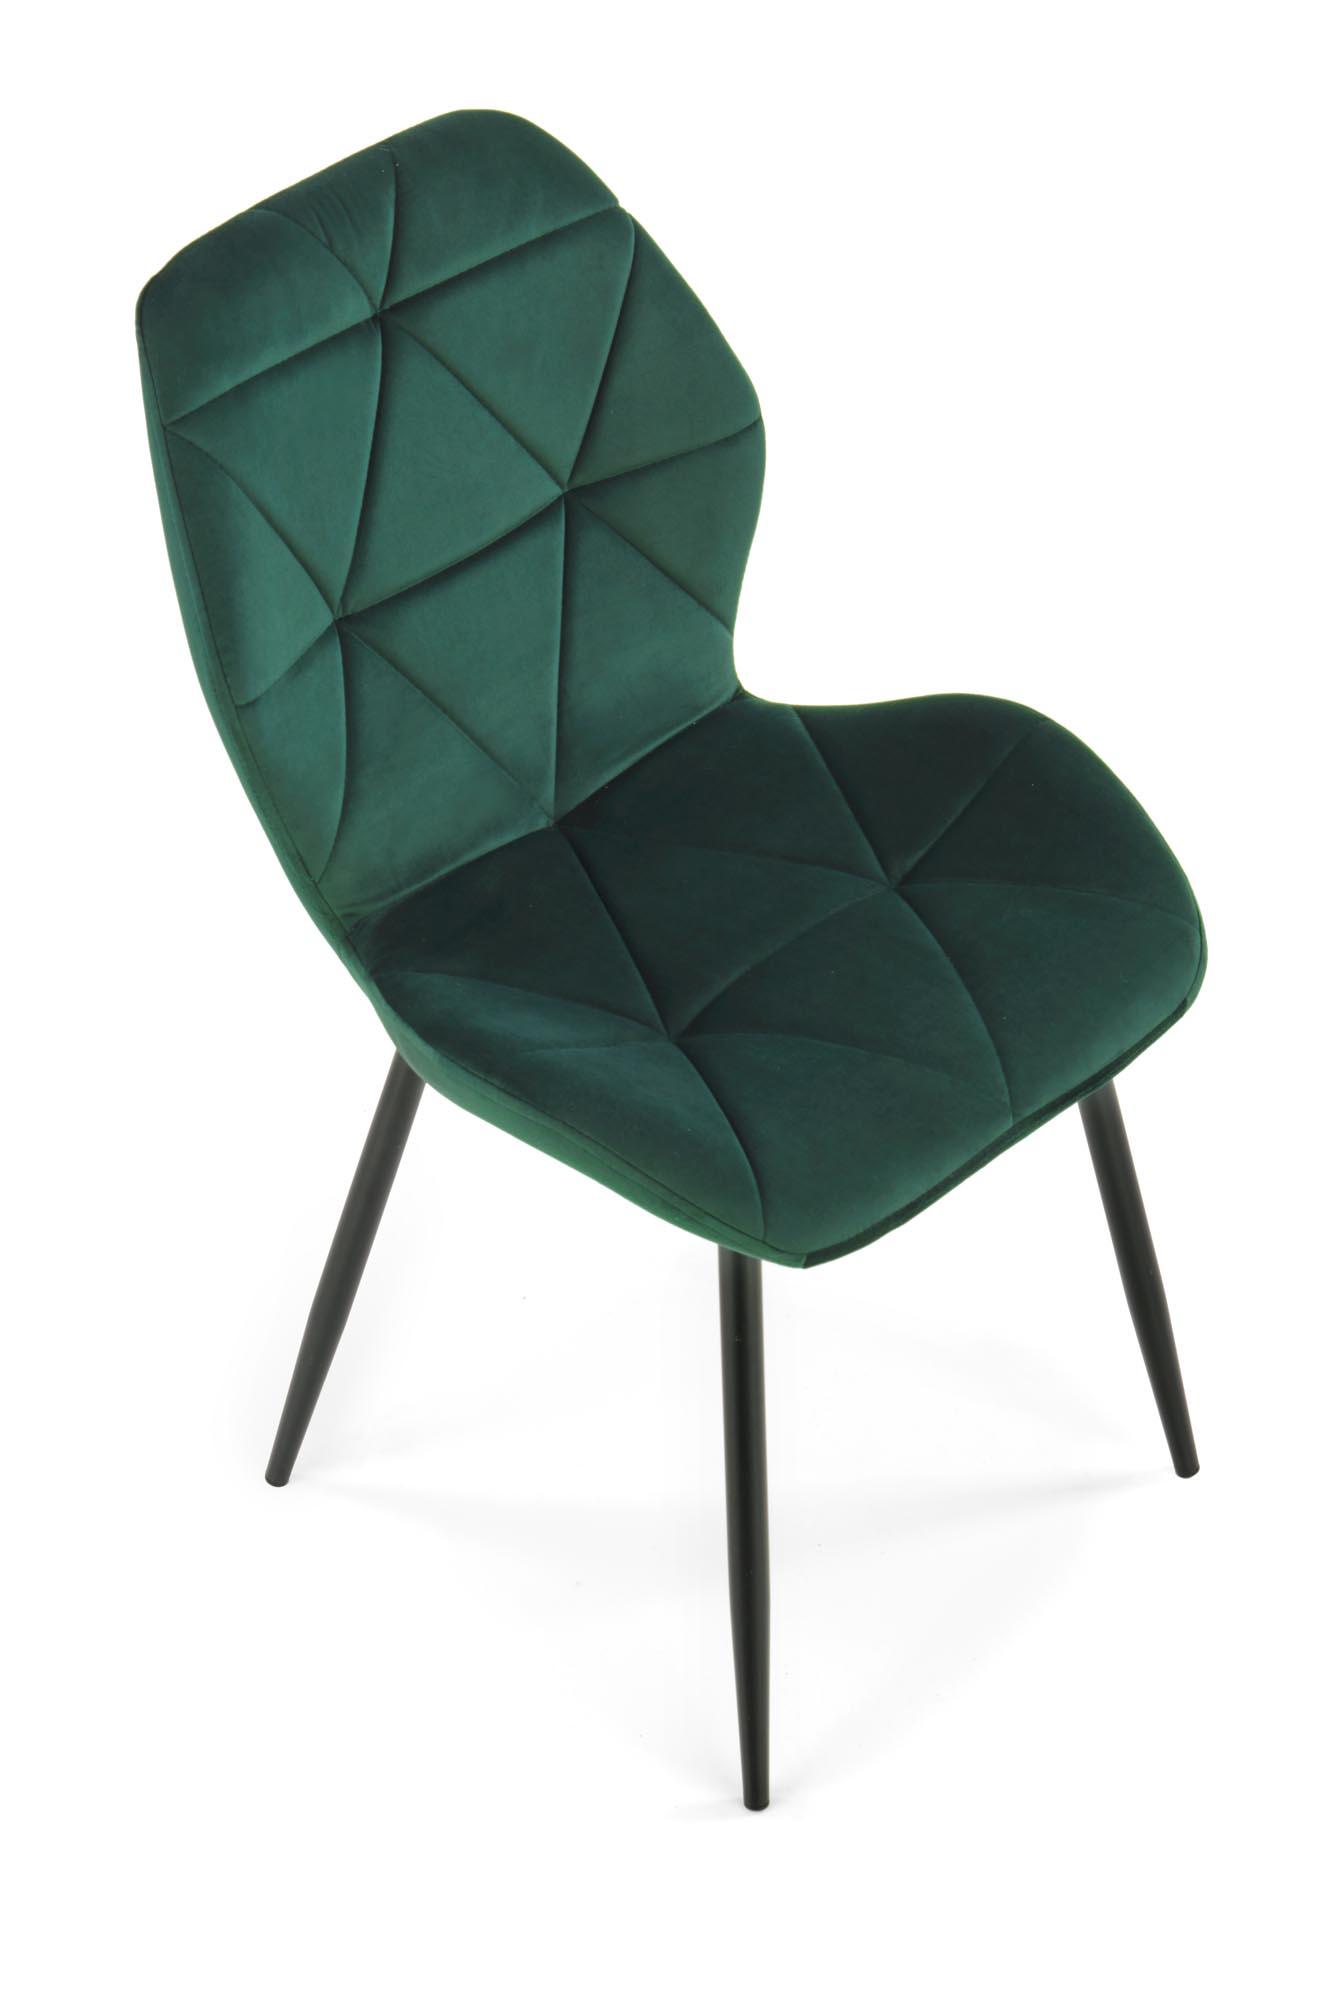 K453 krzesło ciemny zielony